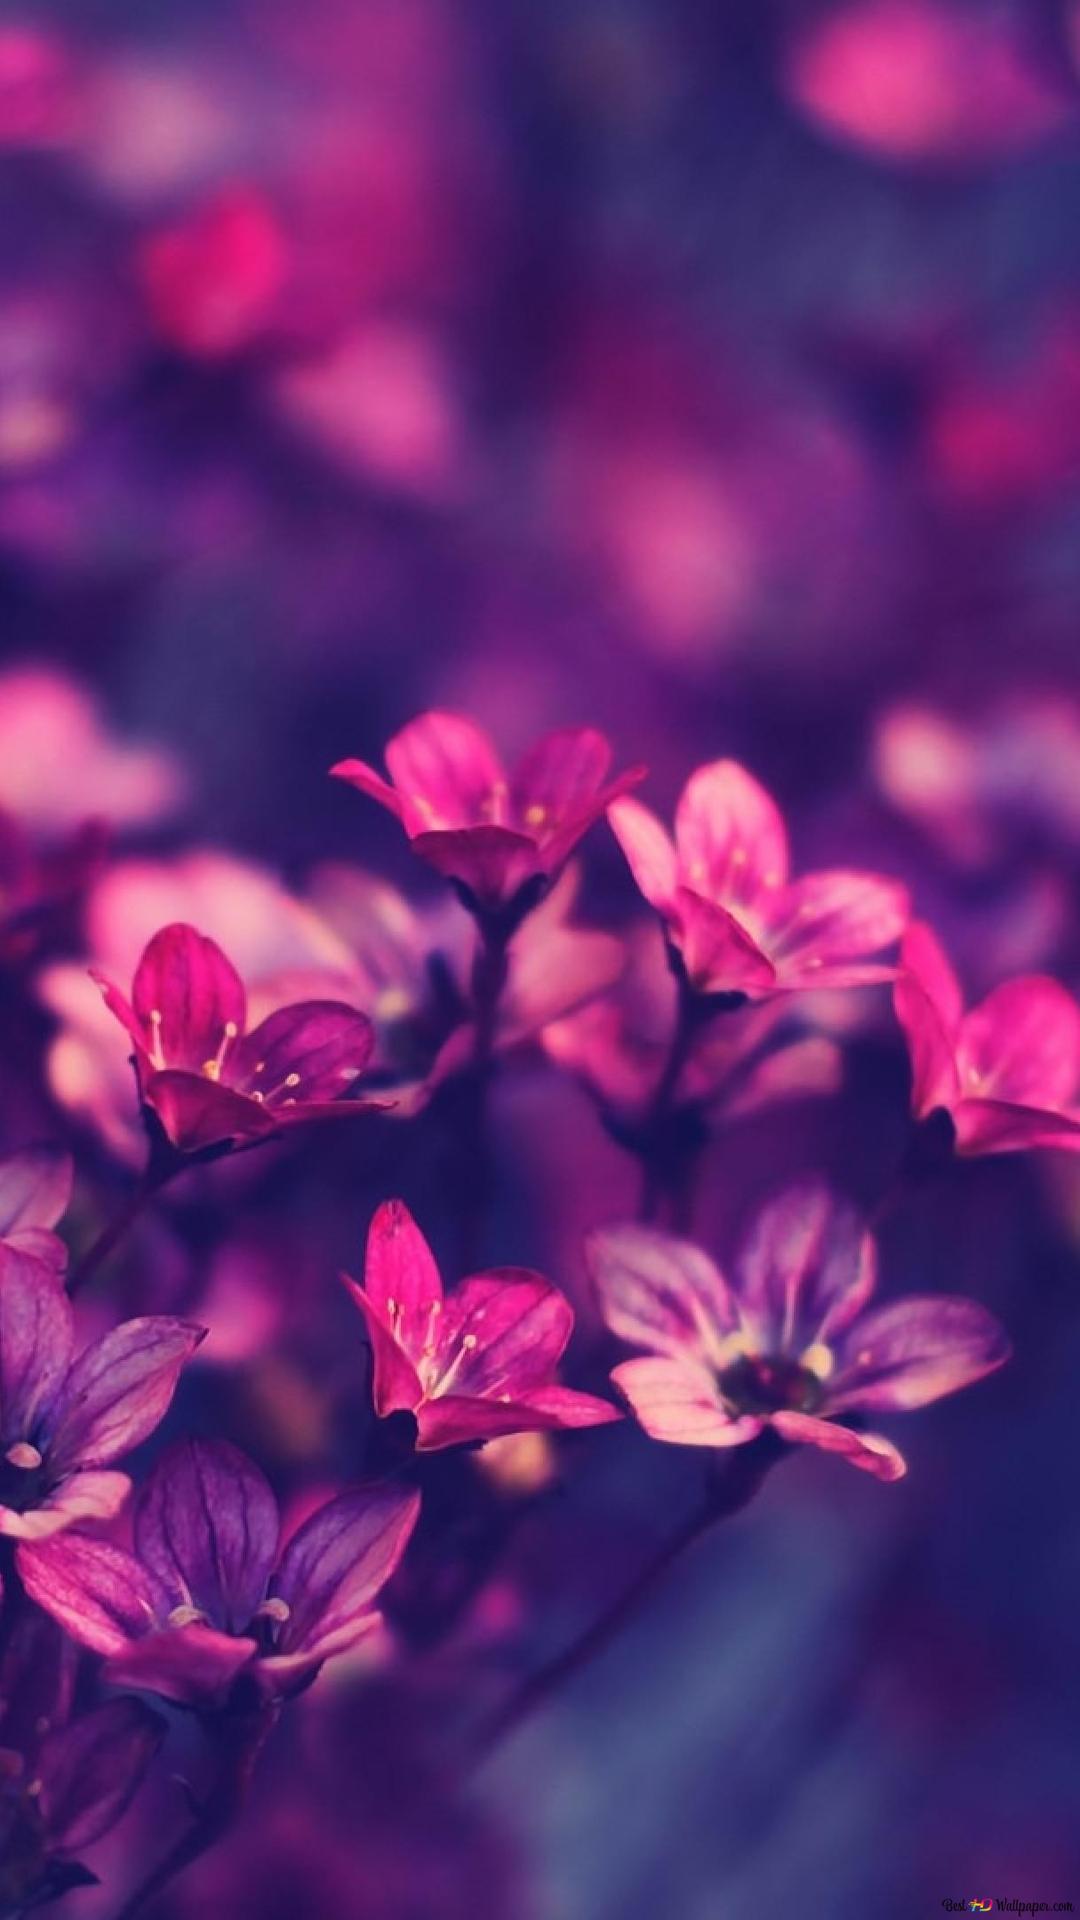 Natura Fiore Viola Sfondo Download Di Sfondi Hd